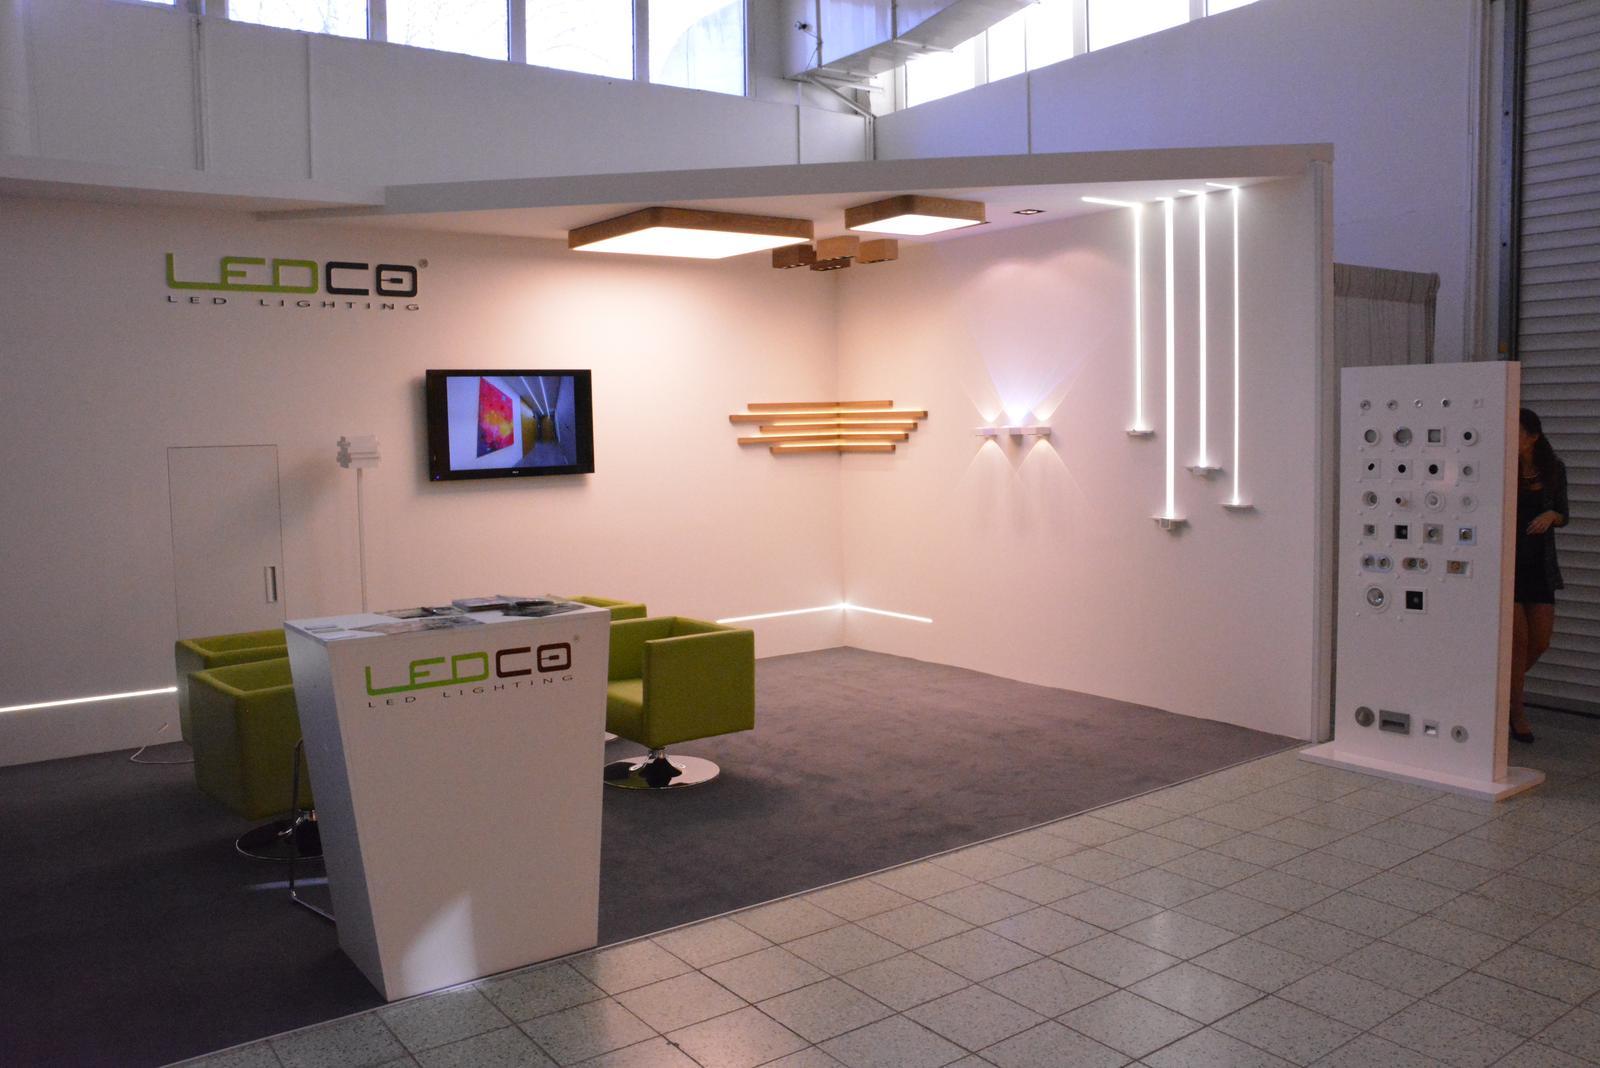 Nábytok a bývanie 2015 Nitra - Sadrokartónové prefabrikáty EasyBoard použité v stánku firmy LEDCO